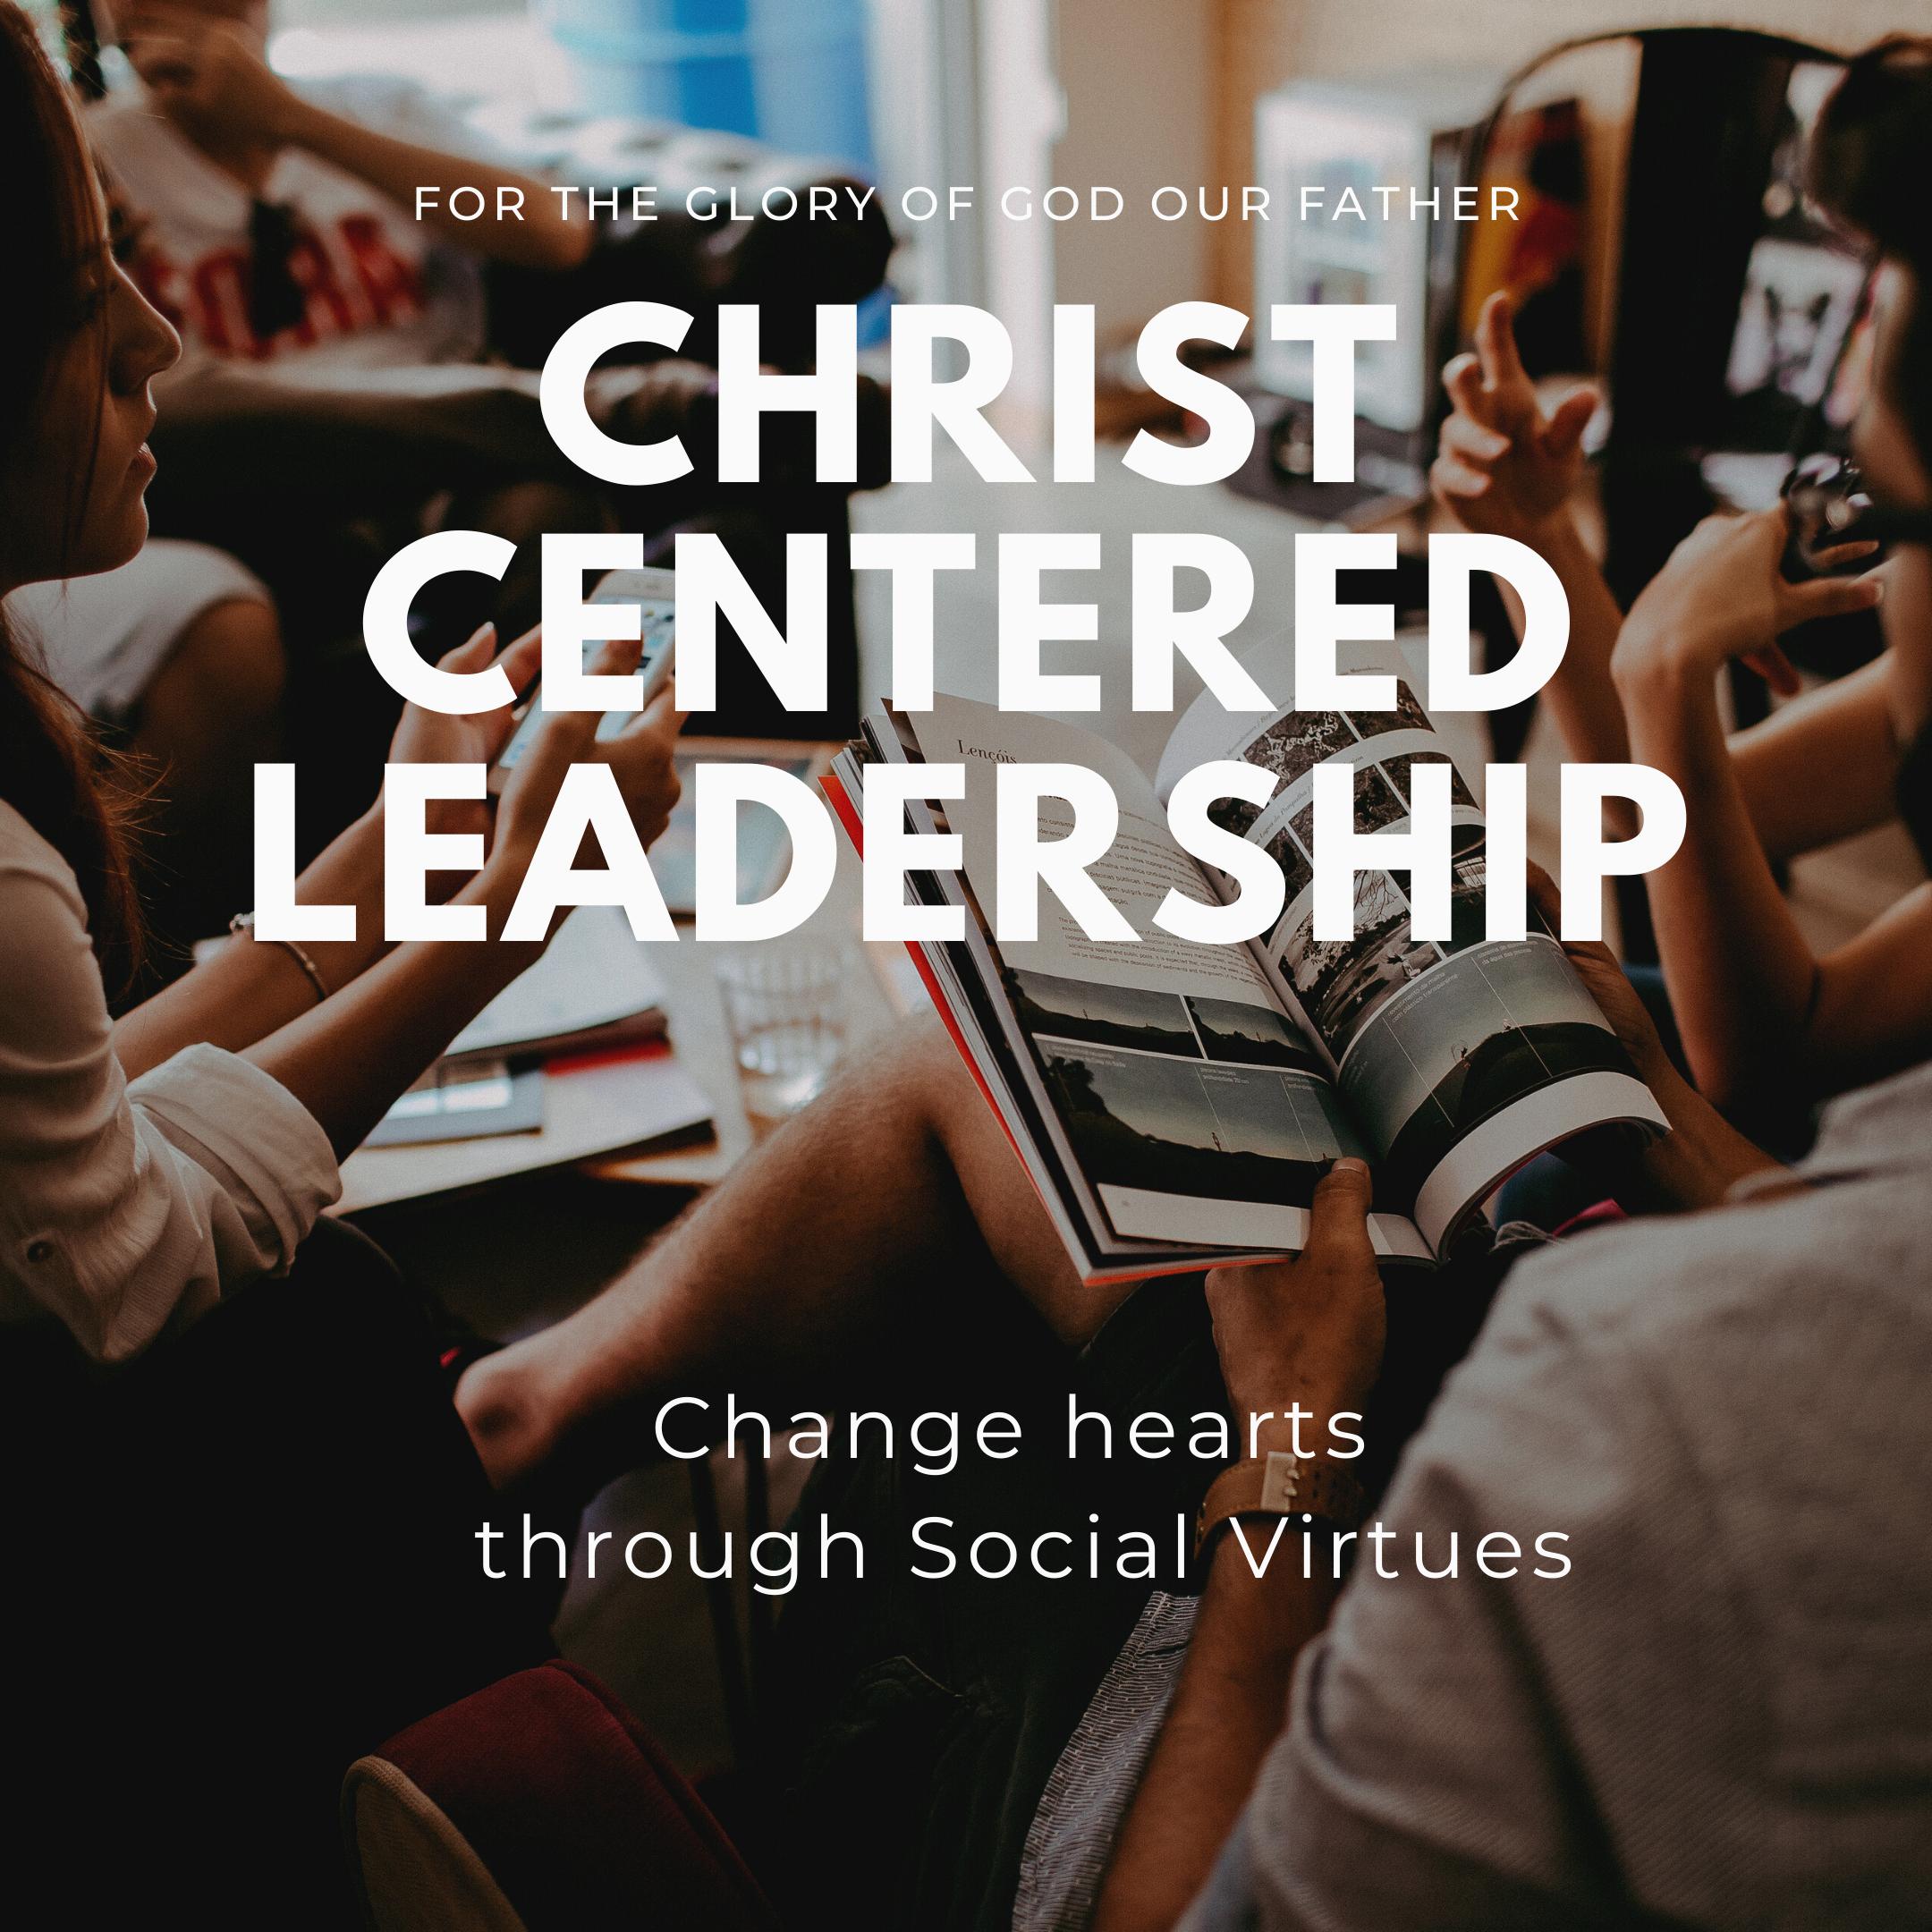 Christ centered leadership